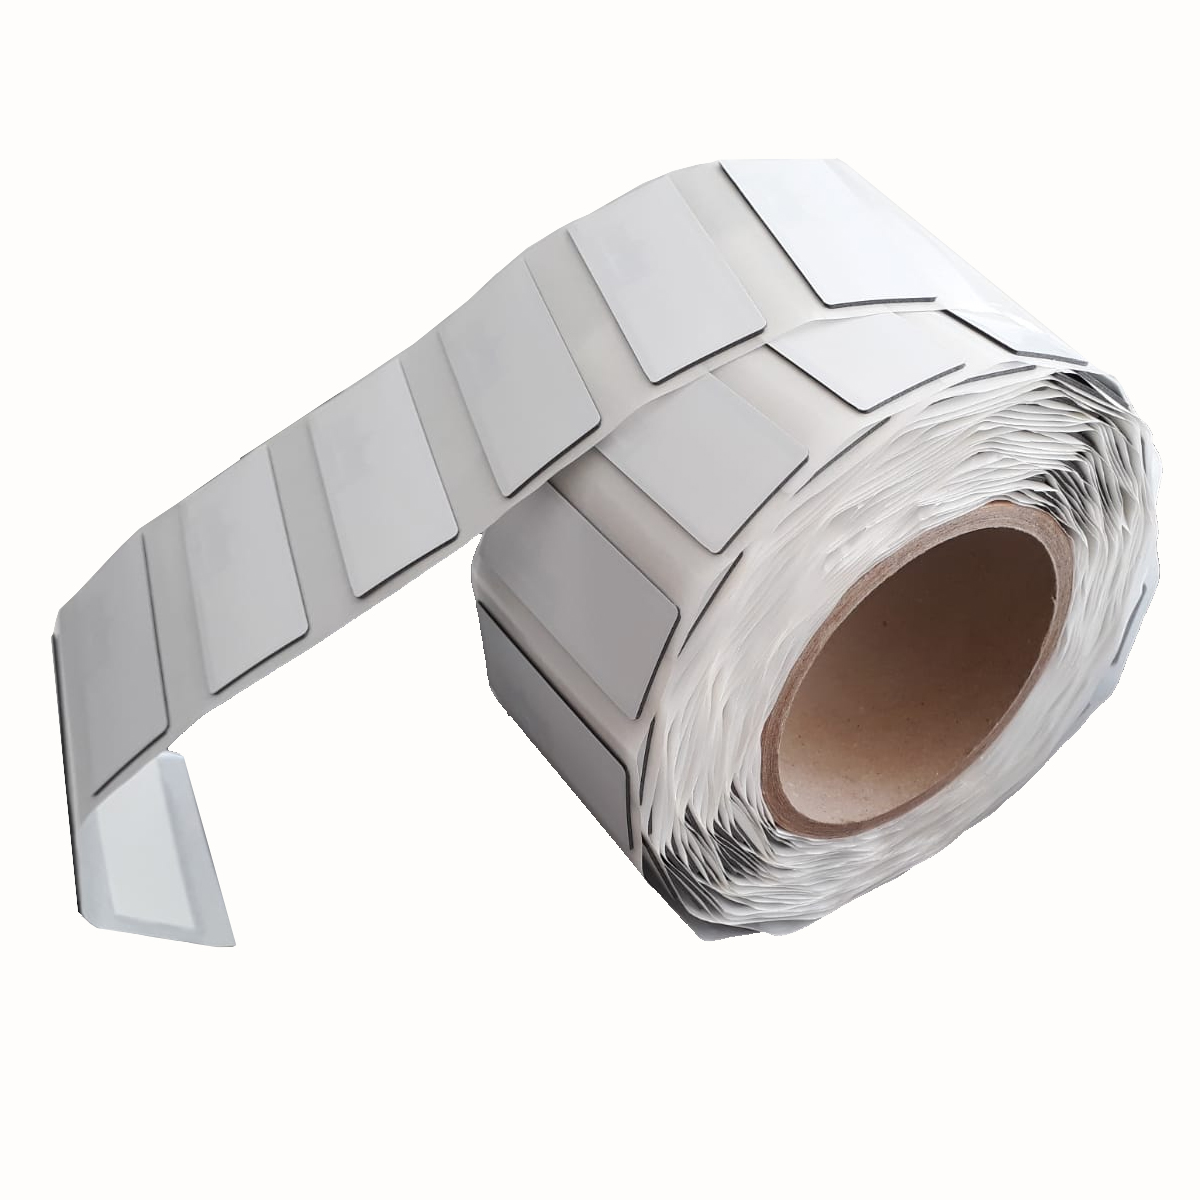 UHF Pasif Metal Yüzeyler için Esnek Etiket - EXM6024